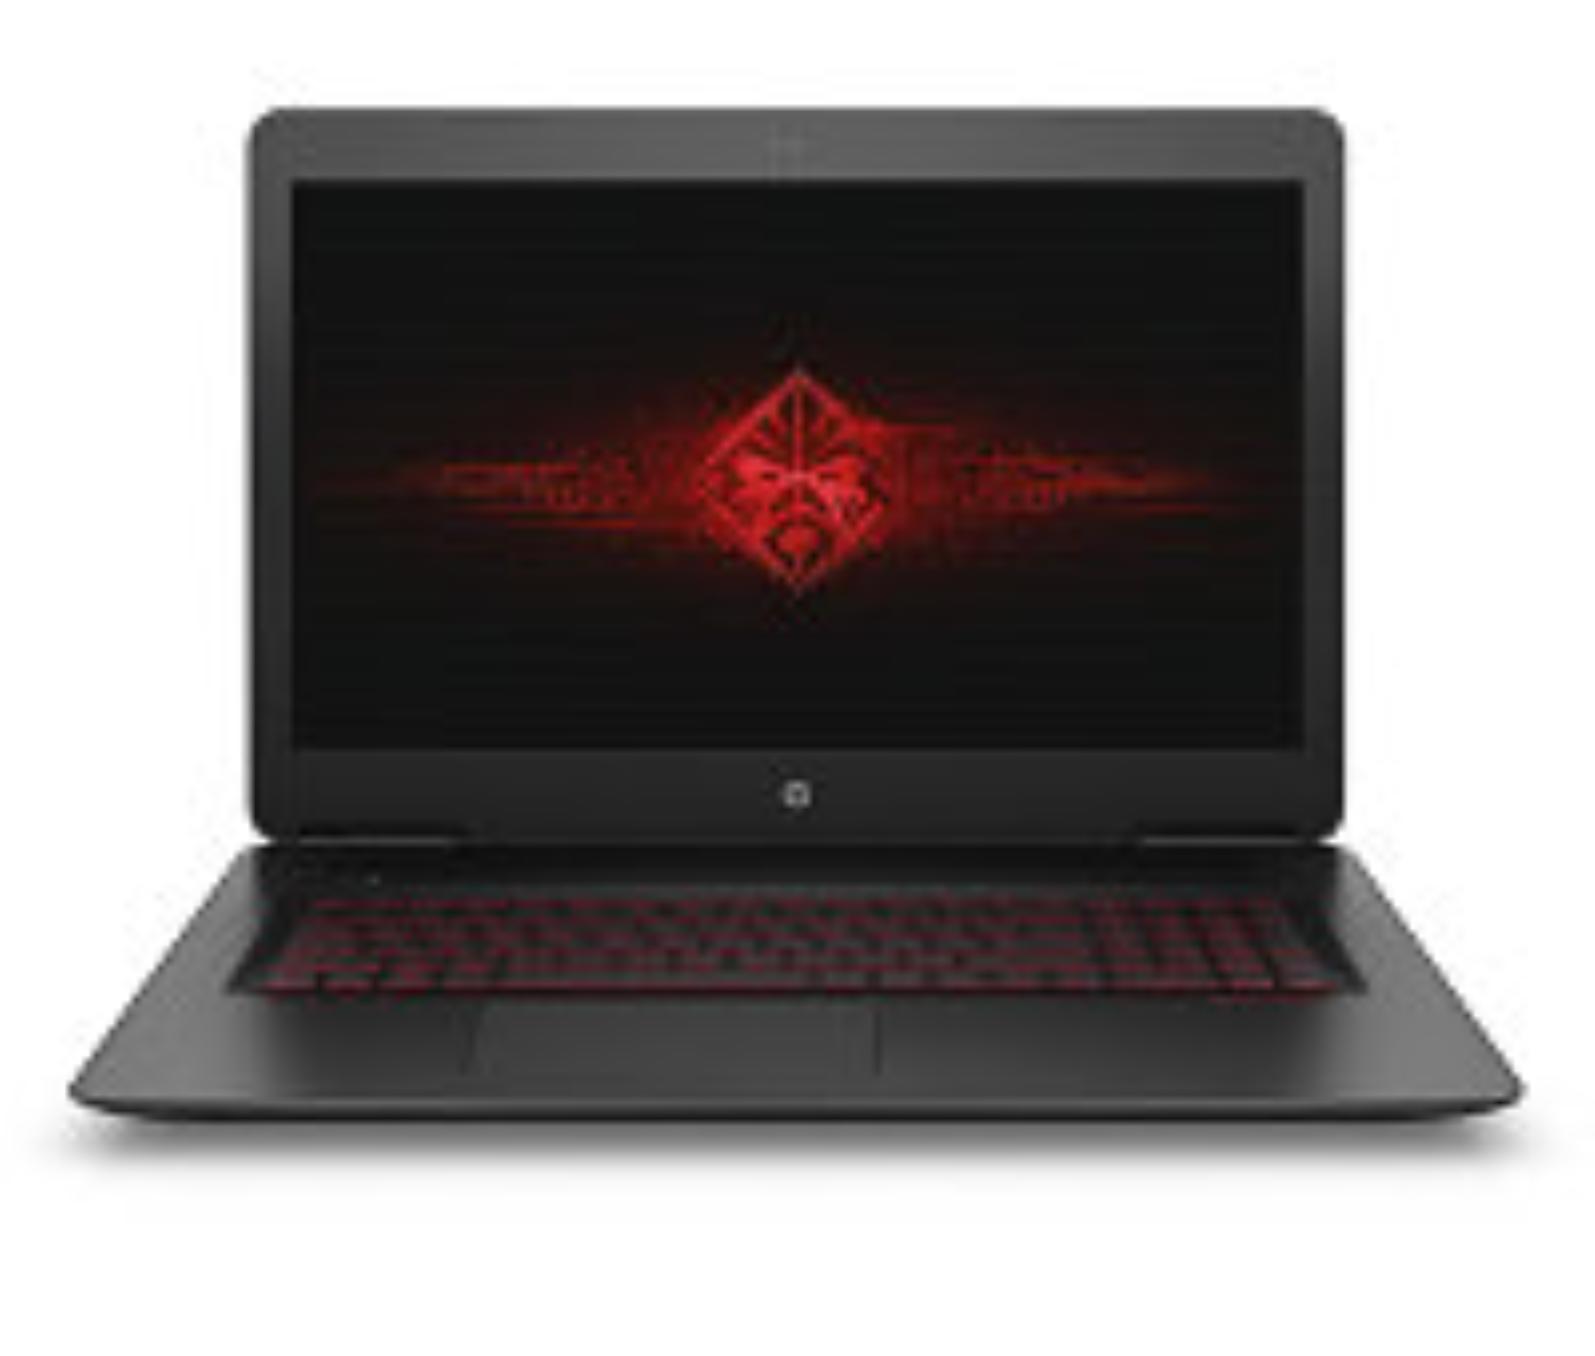 HP Omen 17-w005nc/Intel i7-6700HQ/16GB/256GB SSD + 1TB/GeForce GTX 965M 4GB/DVDRW/17,3 FHD/Win 10/mesh